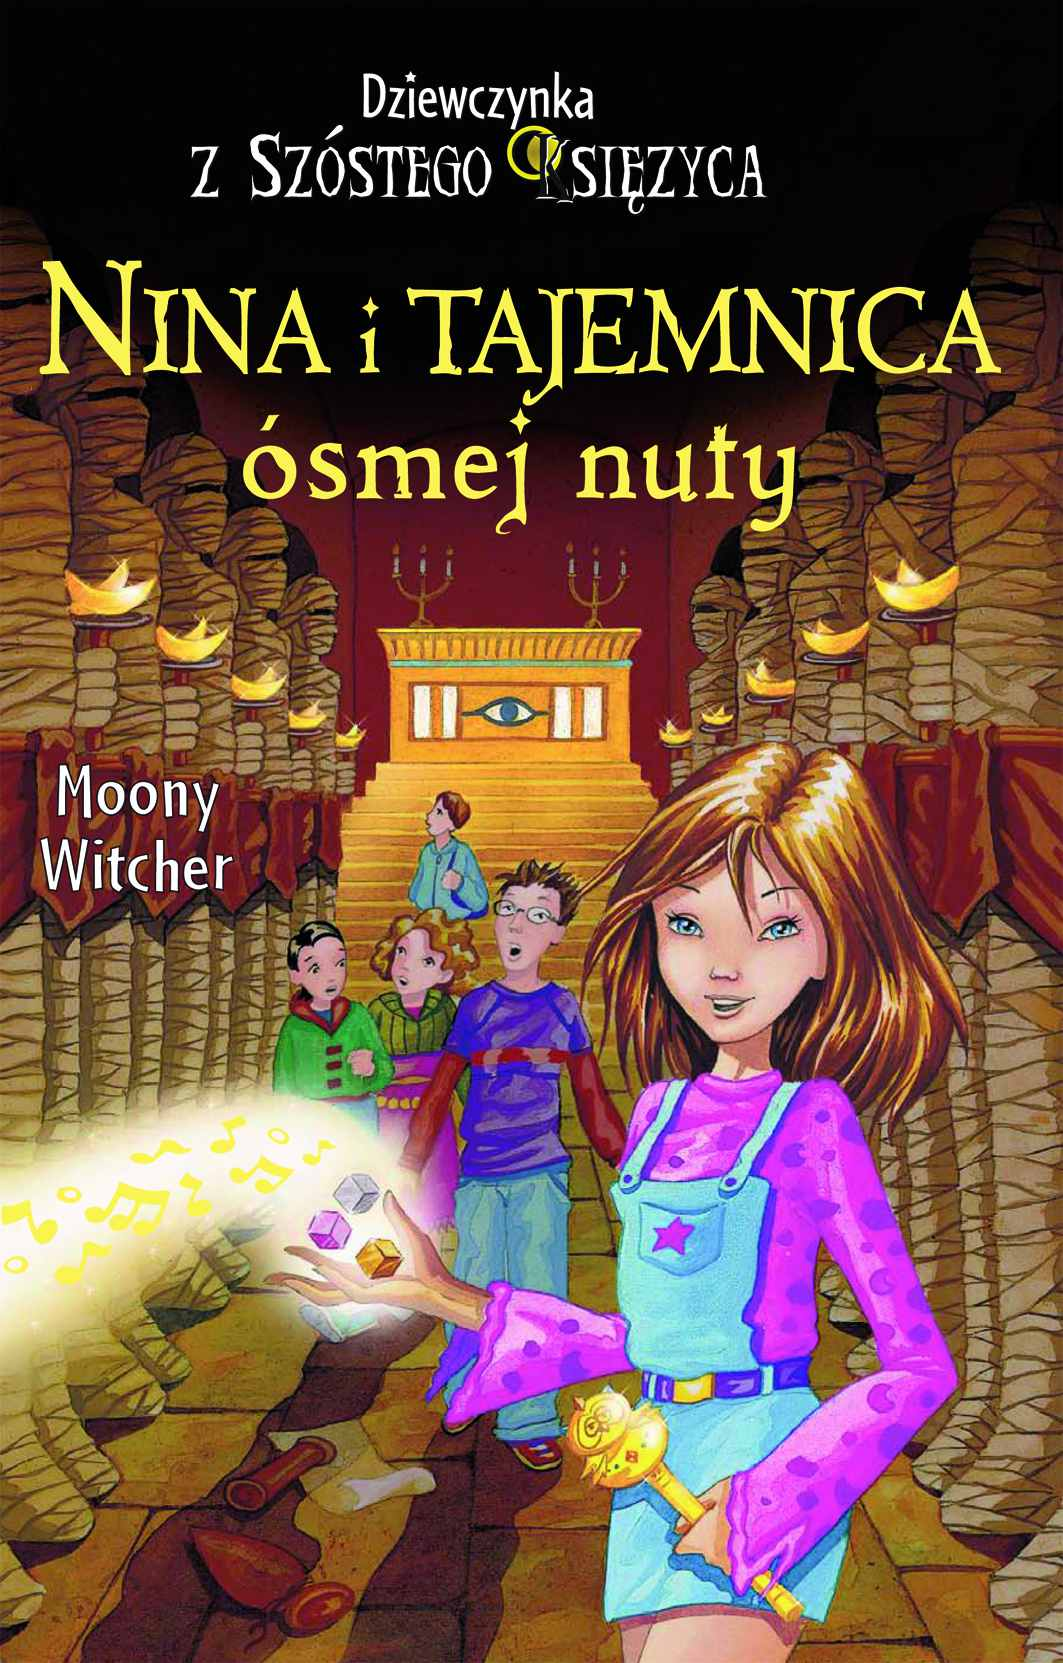 Nina i Tajemnica ósmej nuty - Ebook (Książka EPUB) do pobrania w formacie EPUB